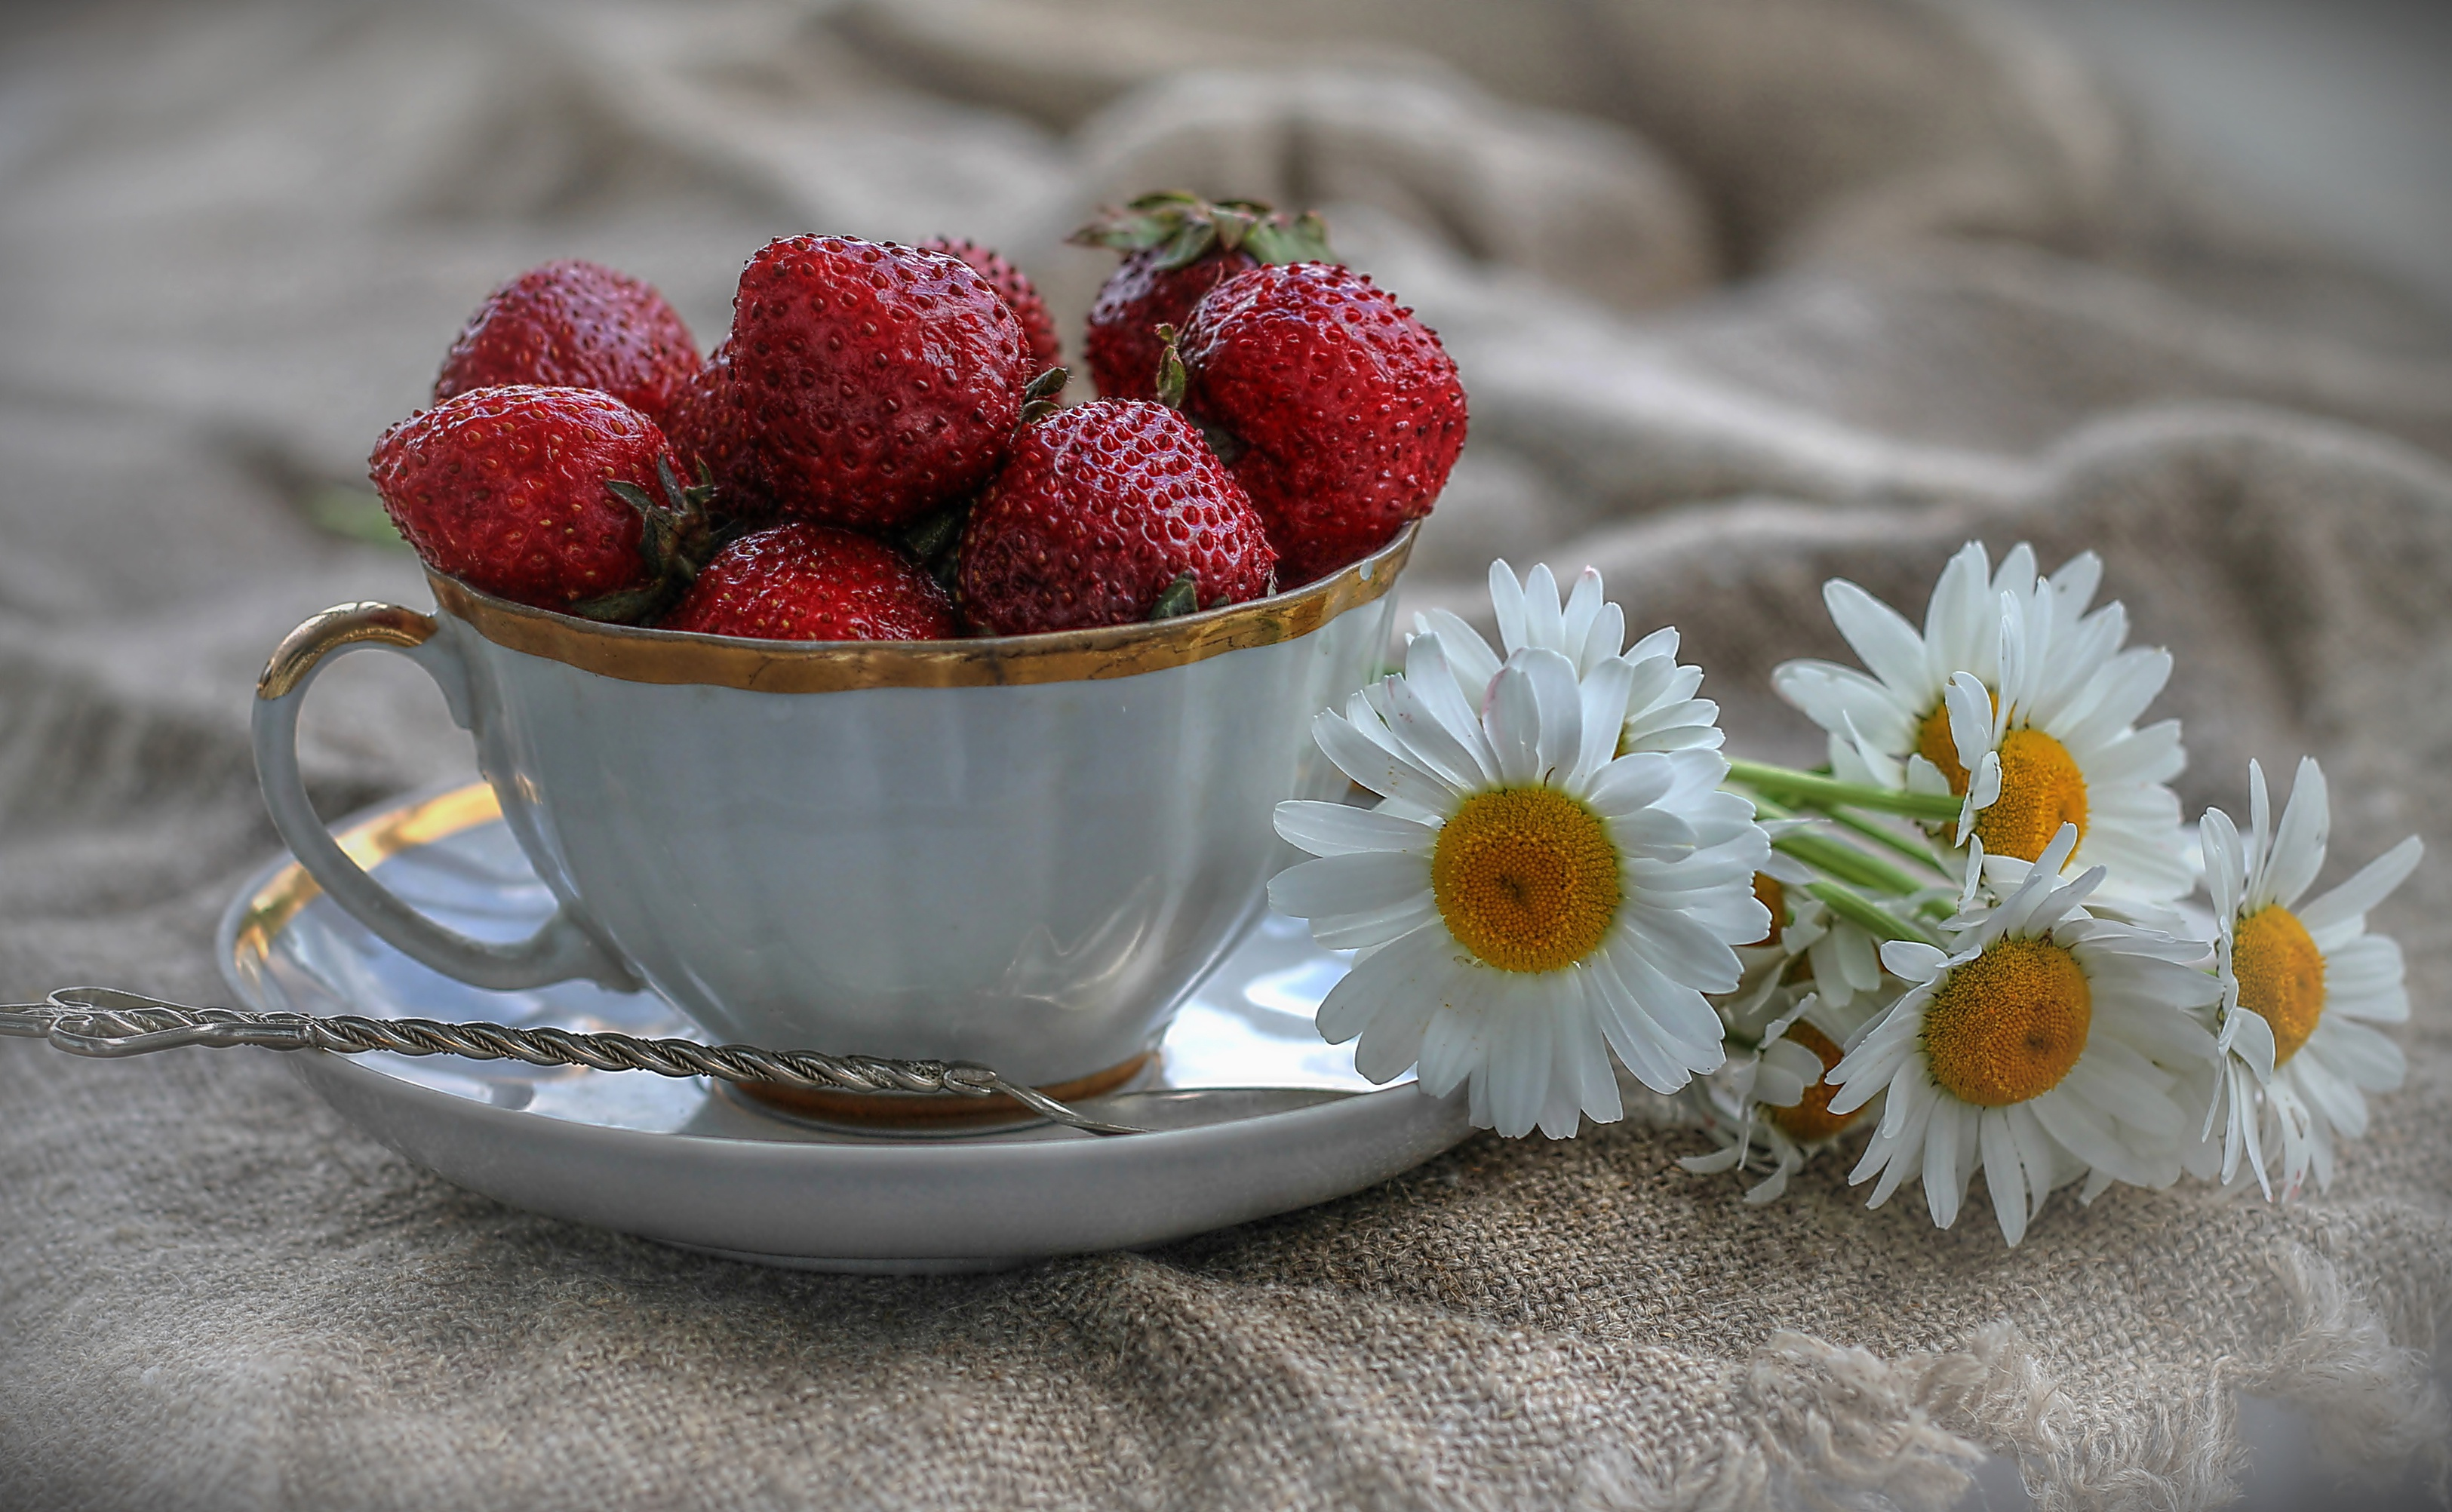 доброе утро нежные картинки с фруктами недавно